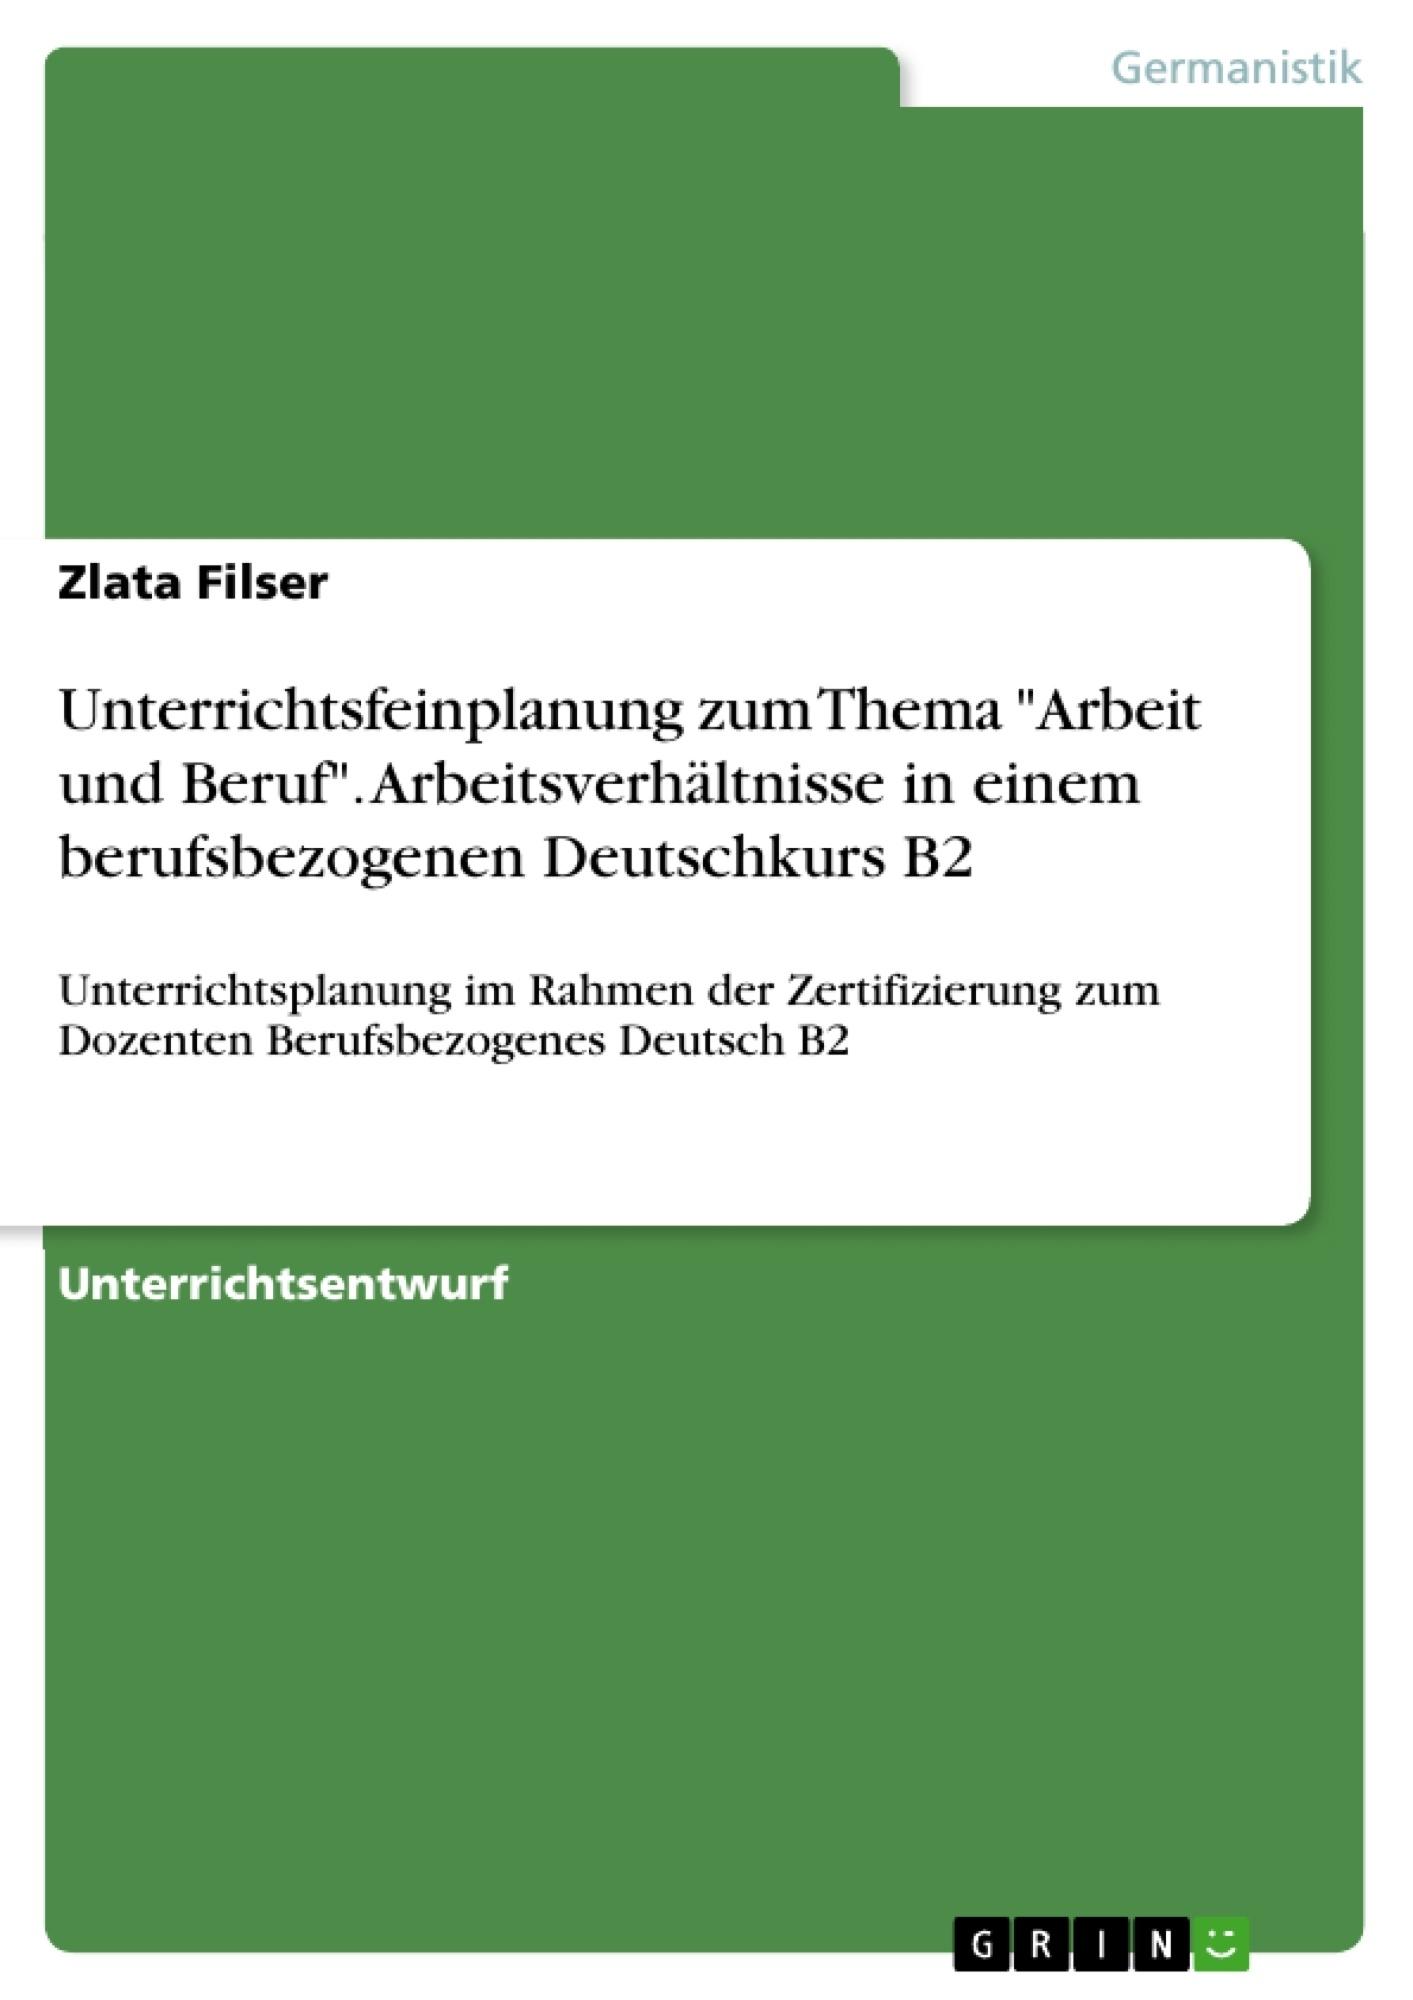 """Titel: Unterrichtsfeinplanung zum Thema """"Arbeit und Beruf"""". Arbeitsverhältnisse in einem berufsbezogenen Deutschkurs B2"""